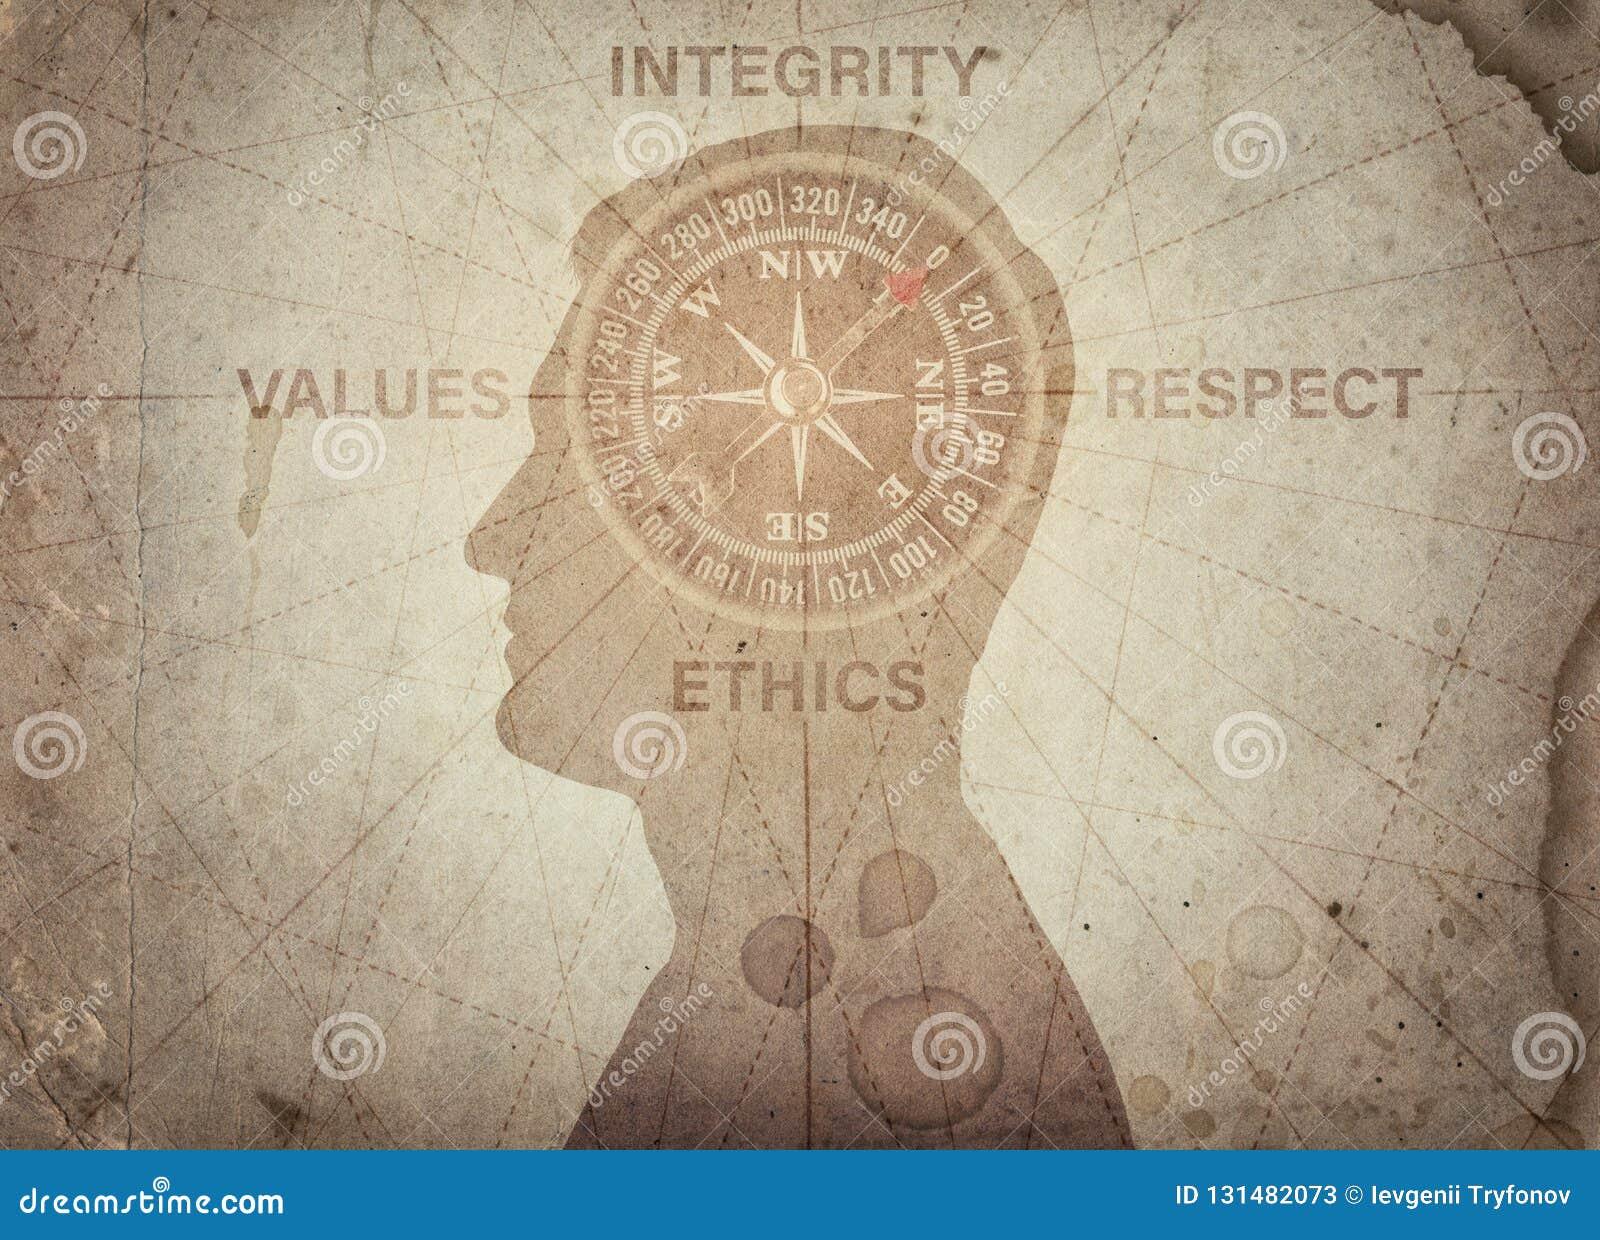 Himmelsrichtungen des menschlichen Kopfes und zur Ethik, Integrität, Werte, Respekt Das Konzept auf dem Thema des Geschäfts, Vert